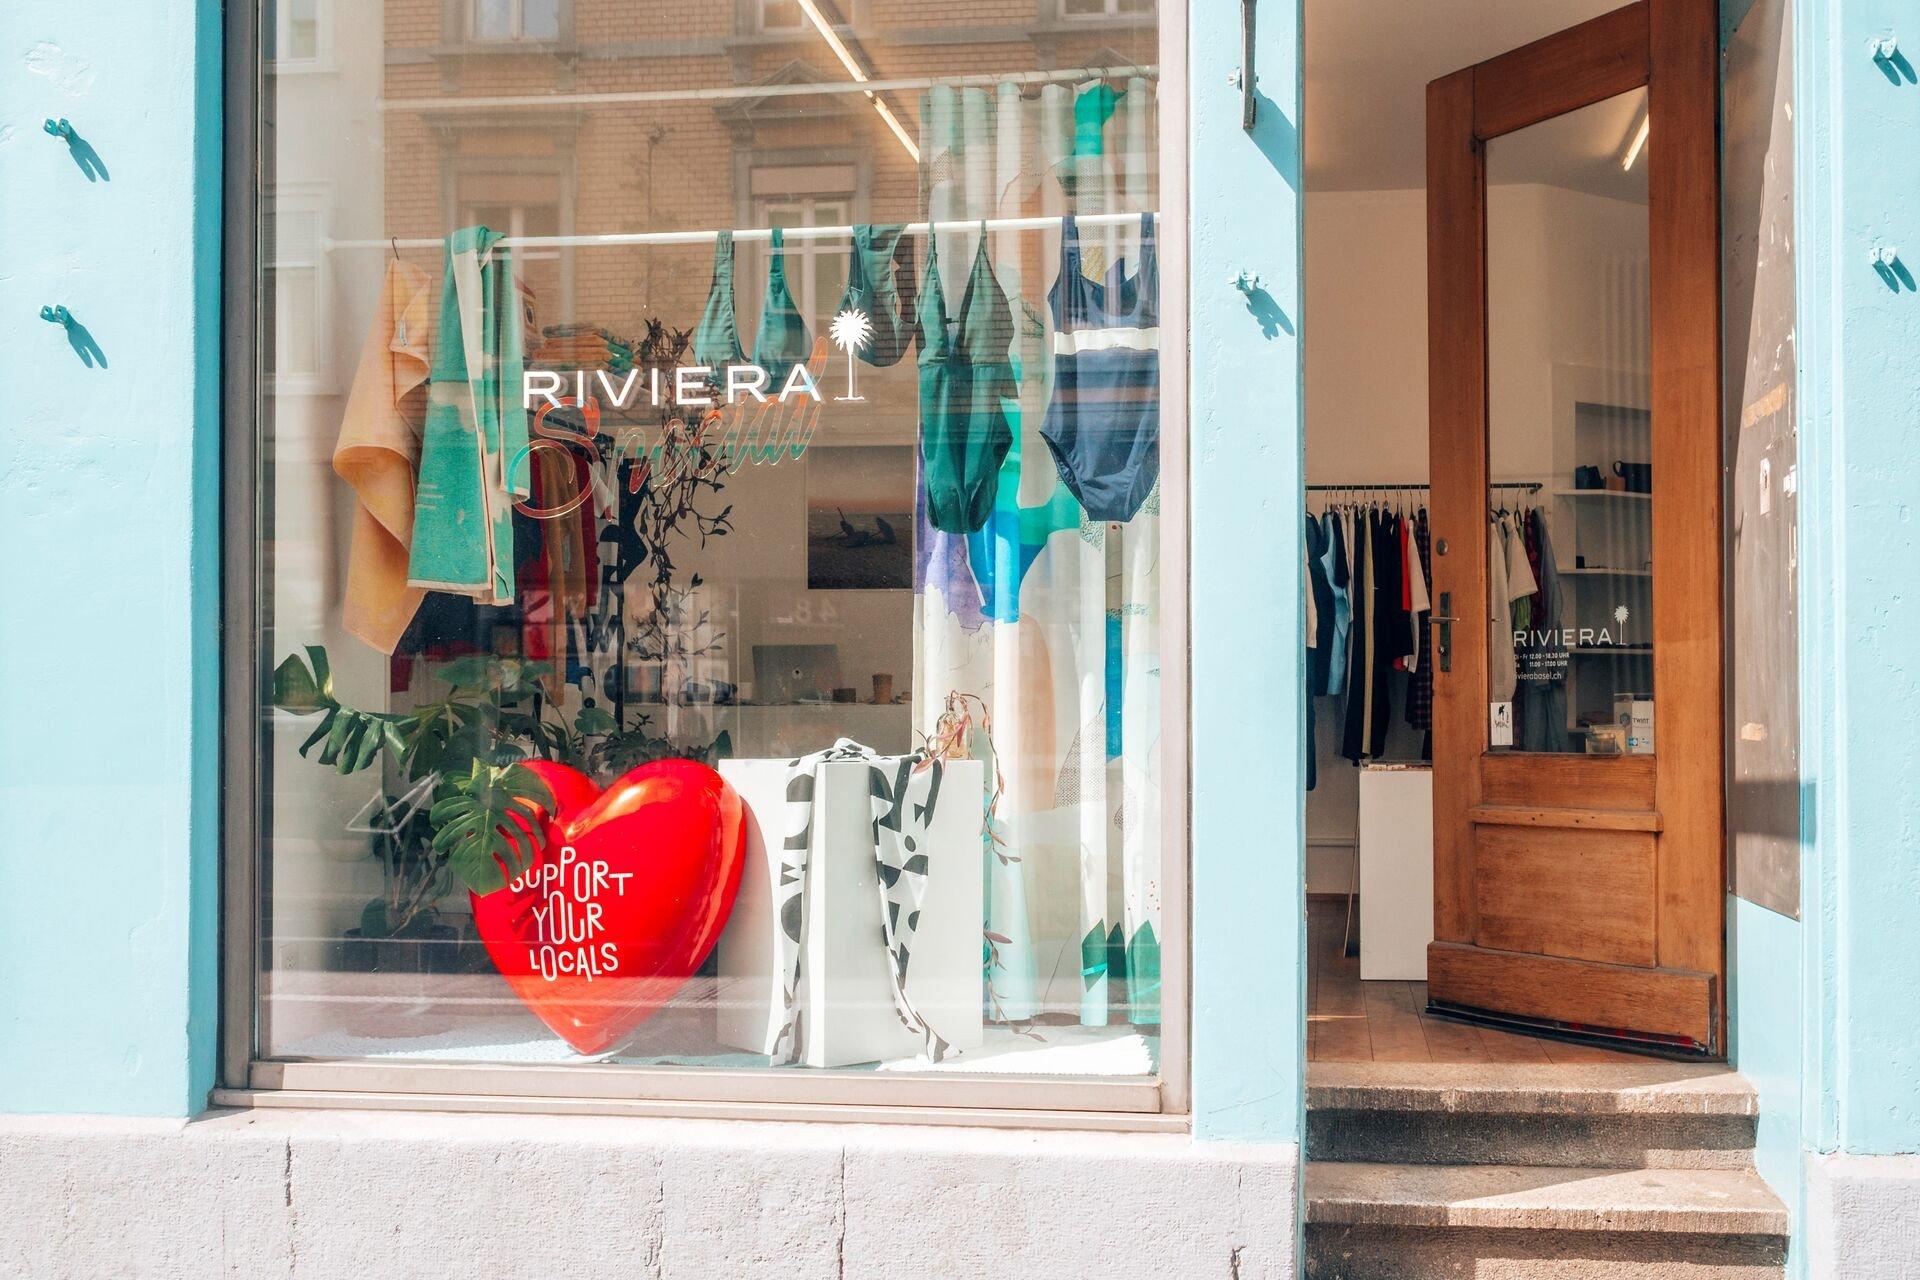 Garantiert fernab vom Mainstream: Das Riviera ist nur eines von vielen Geschäften, die zusammen mit Cafés, Bars und Galerien das Reh4 im hippen Kleinbasel bilden.